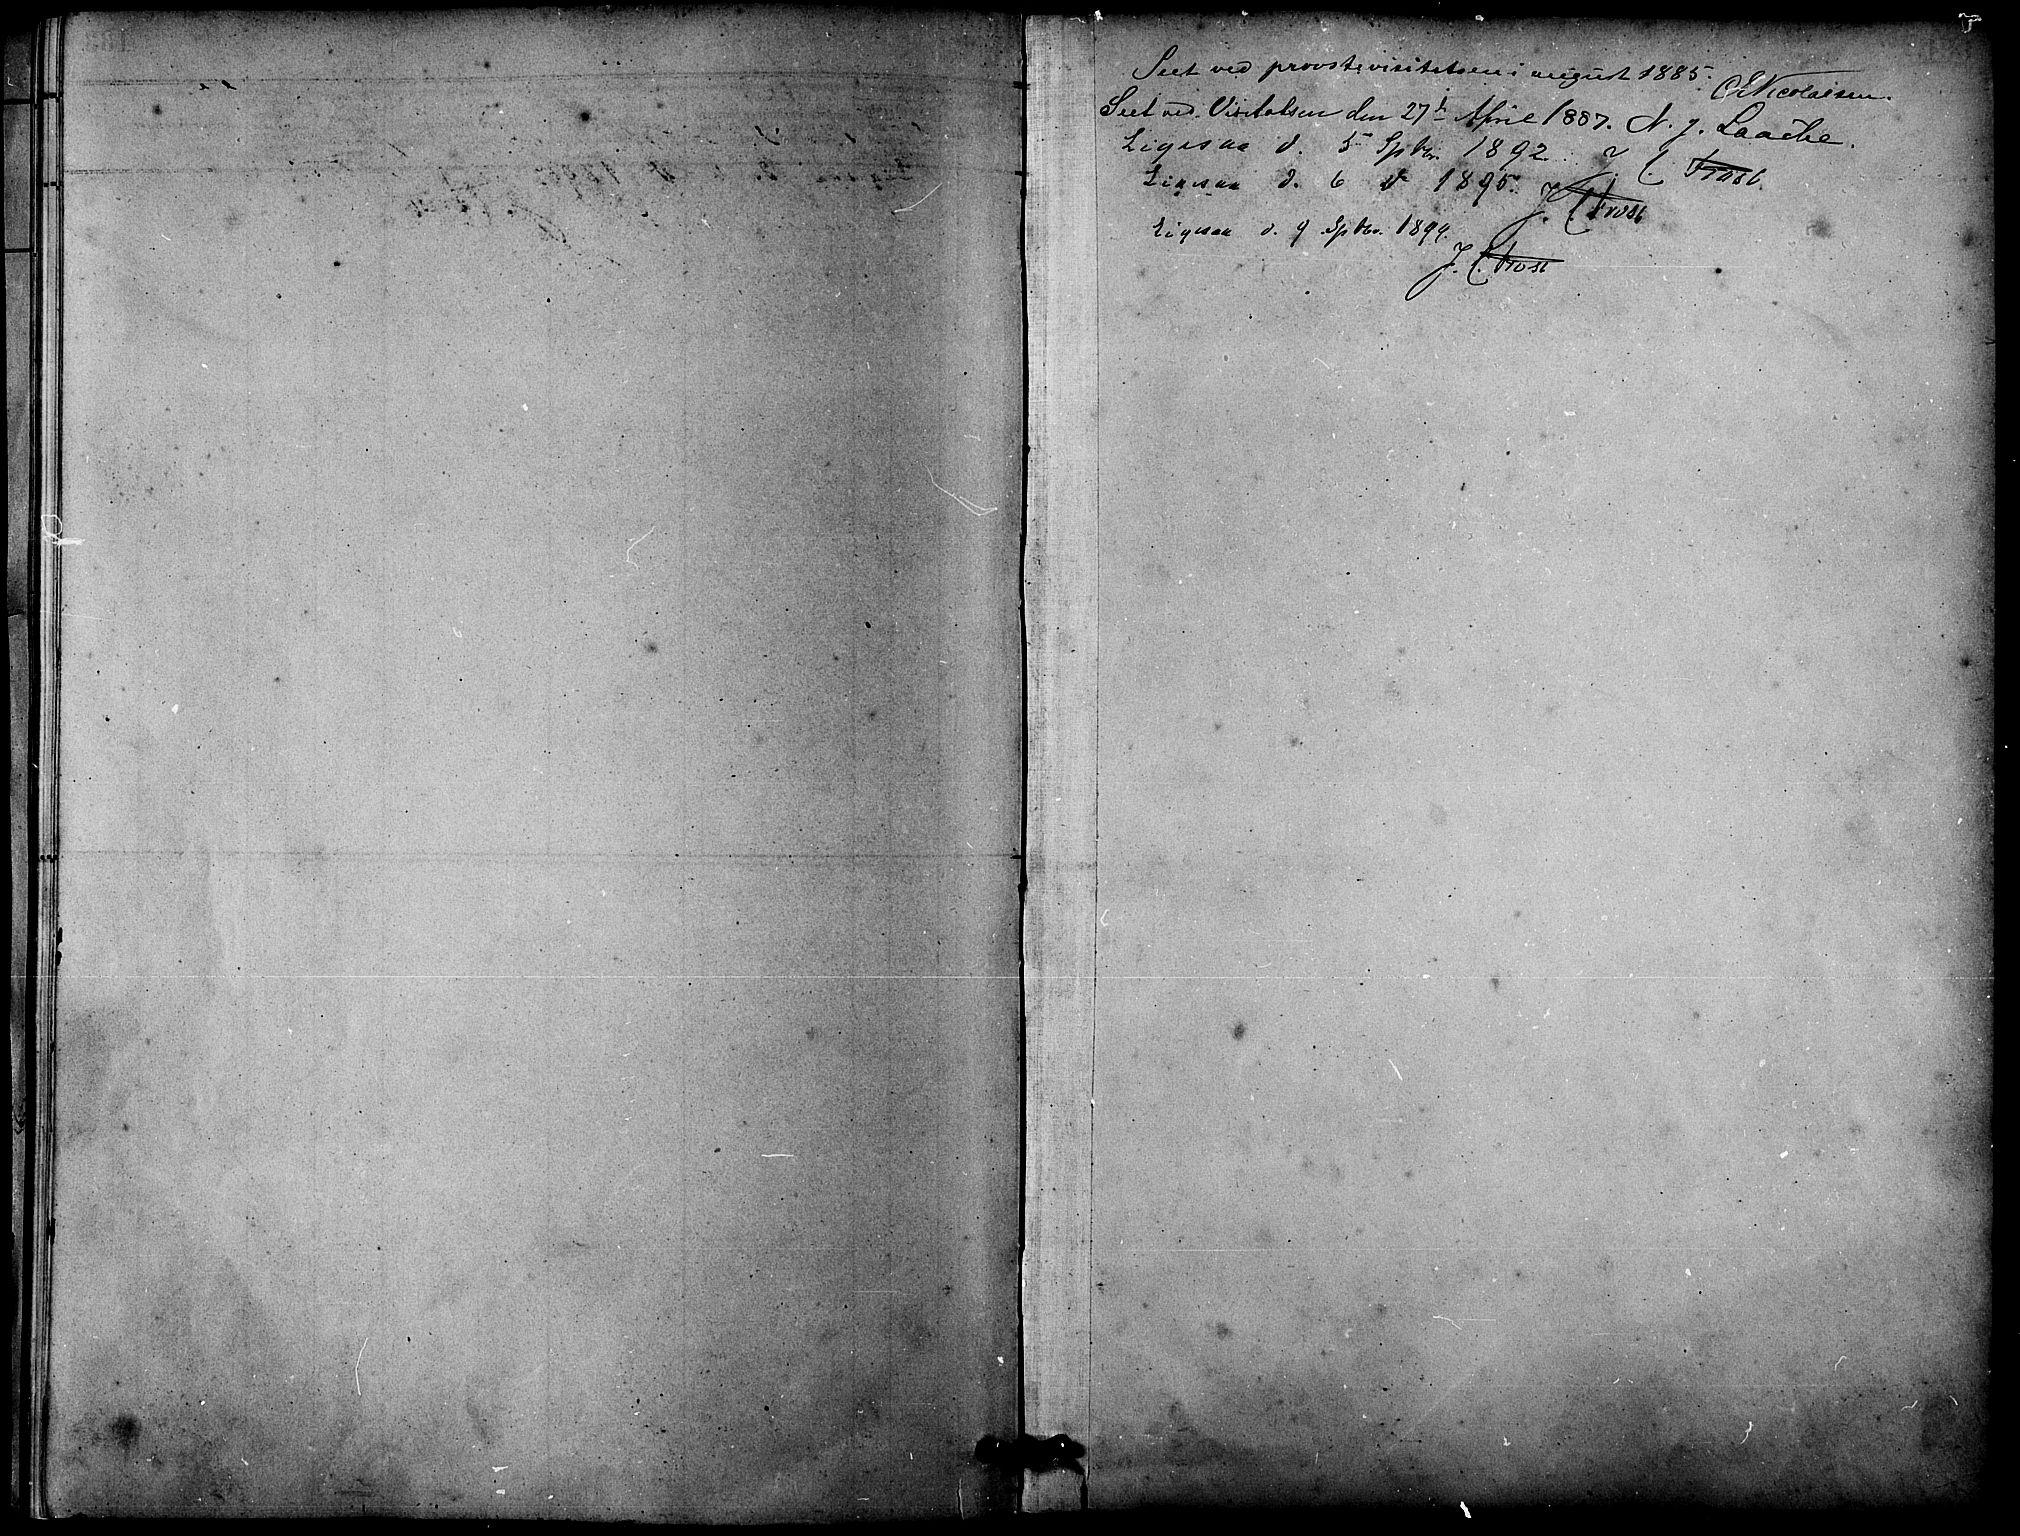 SAT, Ministerialprotokoller, klokkerbøker og fødselsregistre - Sør-Trøndelag, 633/L0519: Klokkerbok nr. 633C01, 1884-1905